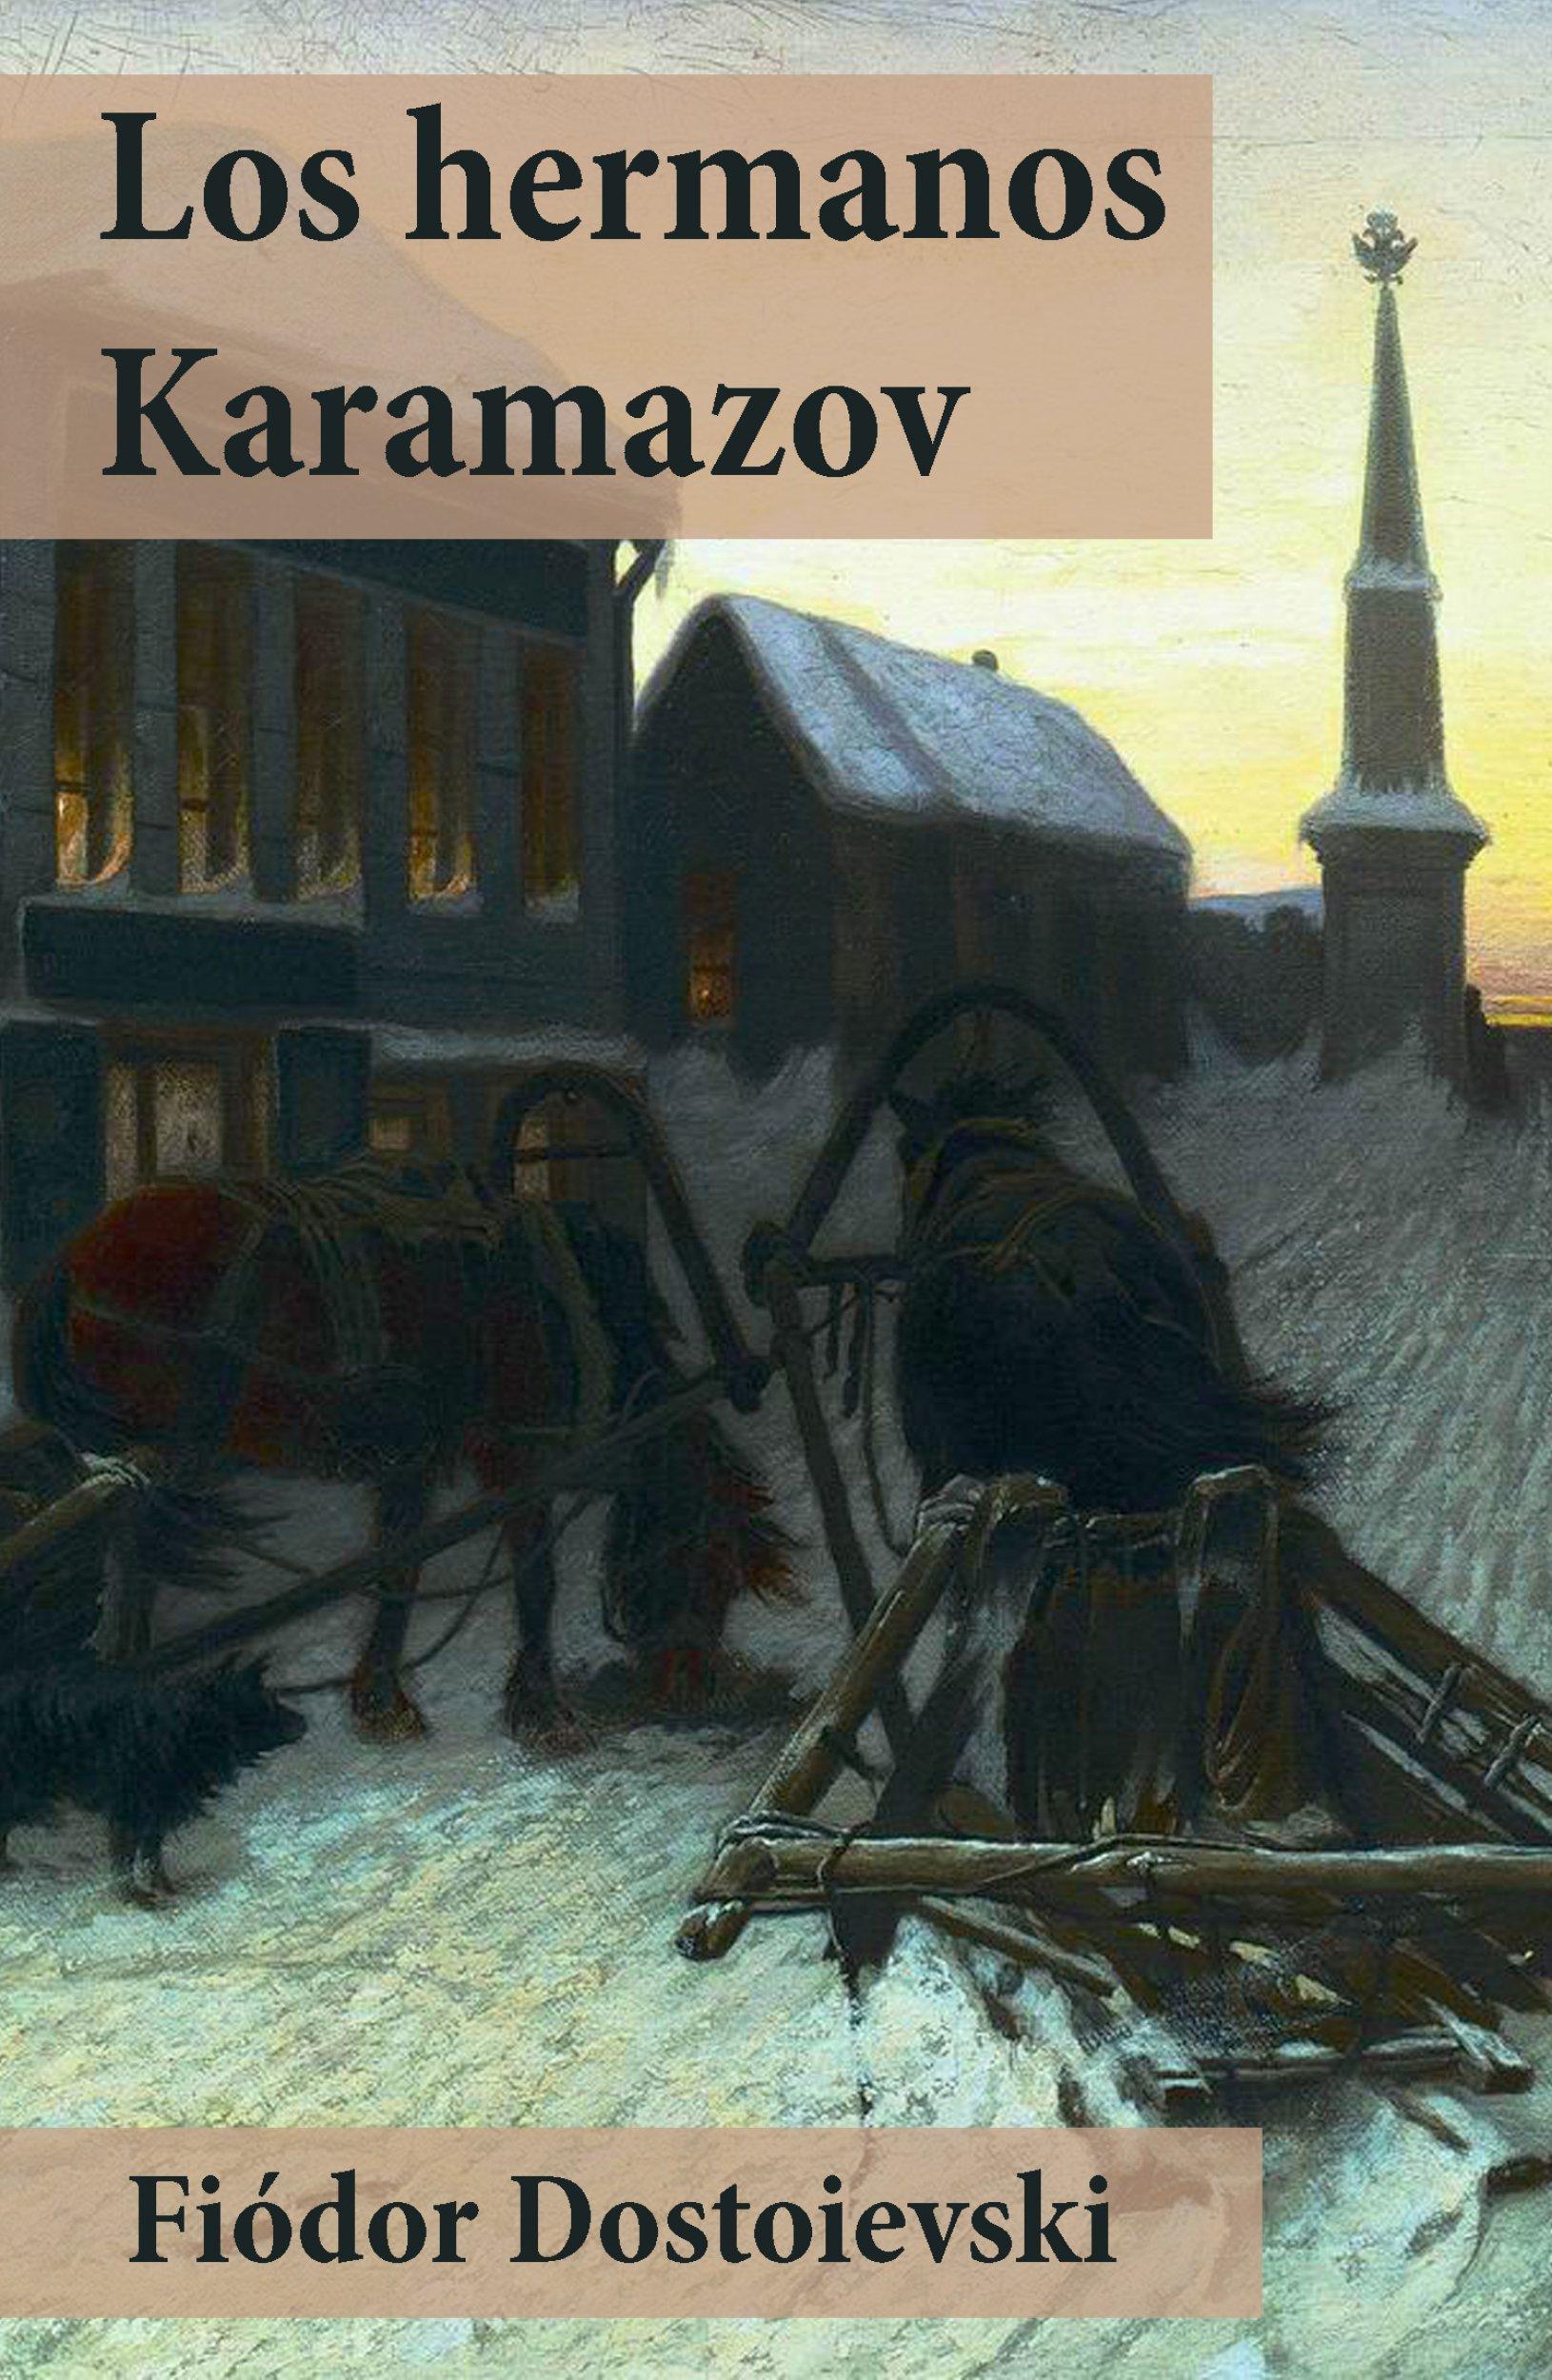 93. The Karamazov brothers